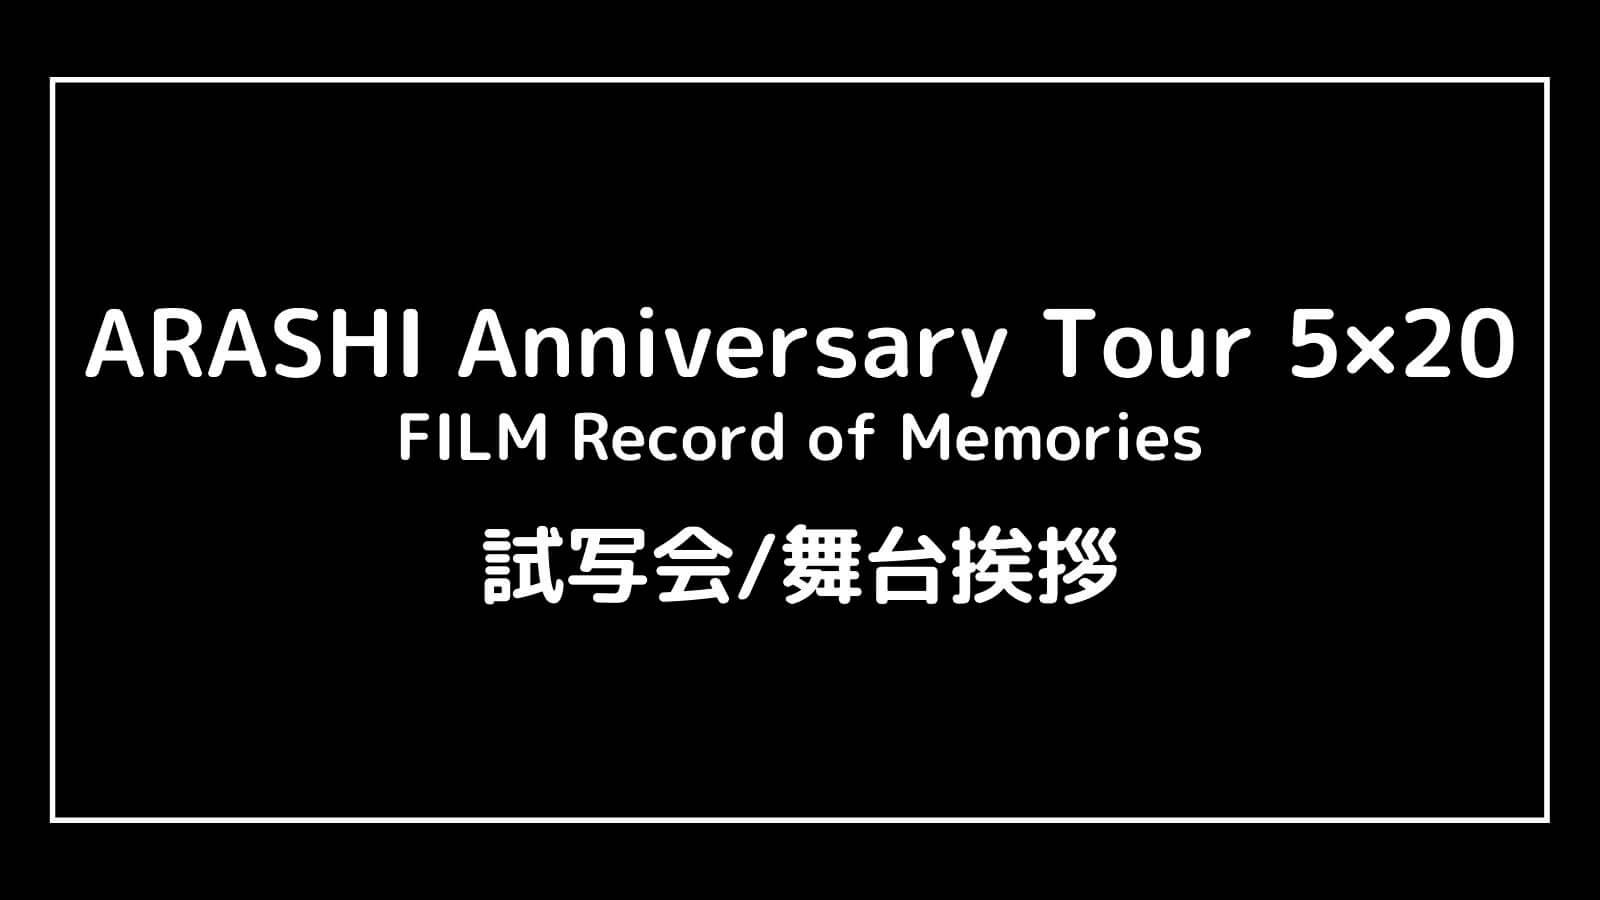 映画『嵐 ARASHI Anniversary Tour 5×20』の試写会と舞台挨拶ライブビューイング情報【FILM Record of Memories】